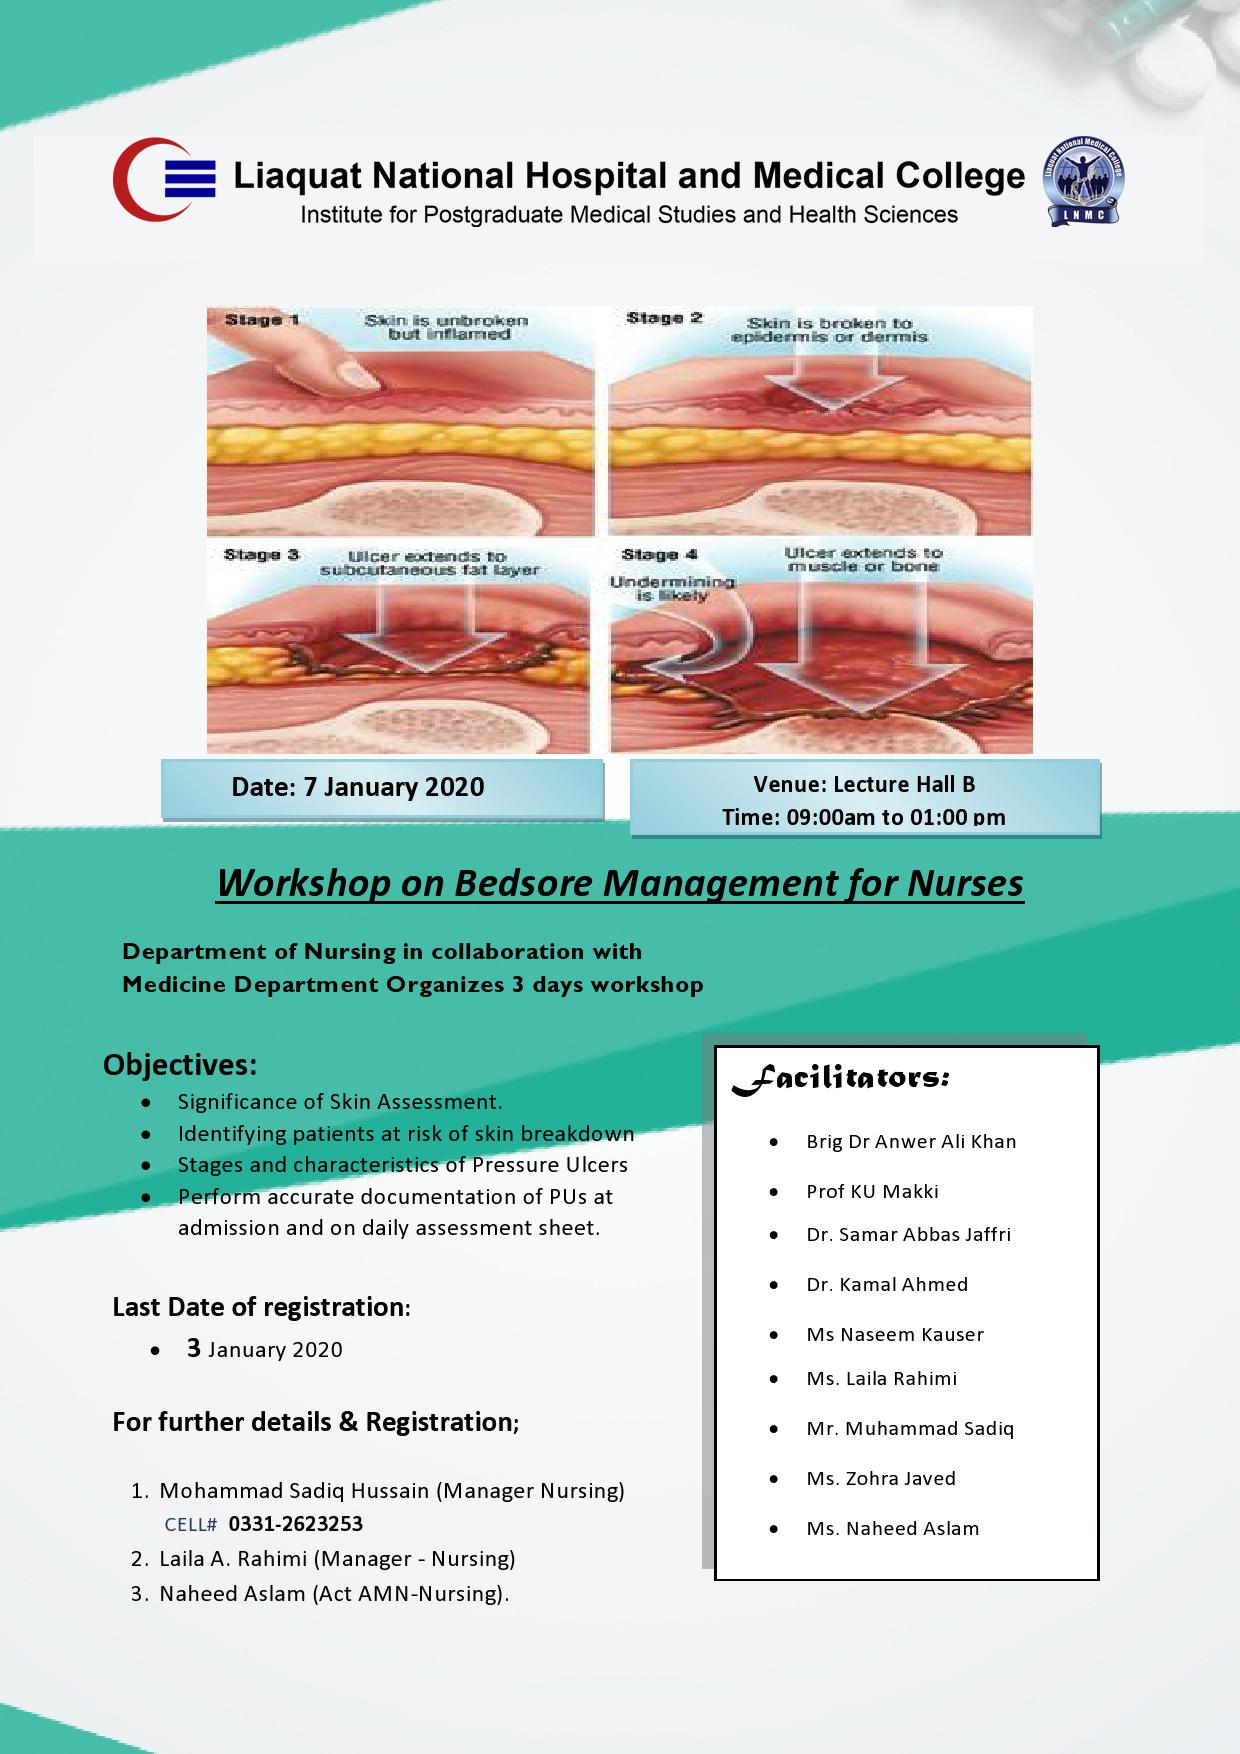 Workshop on Bedsore Management for Nurses